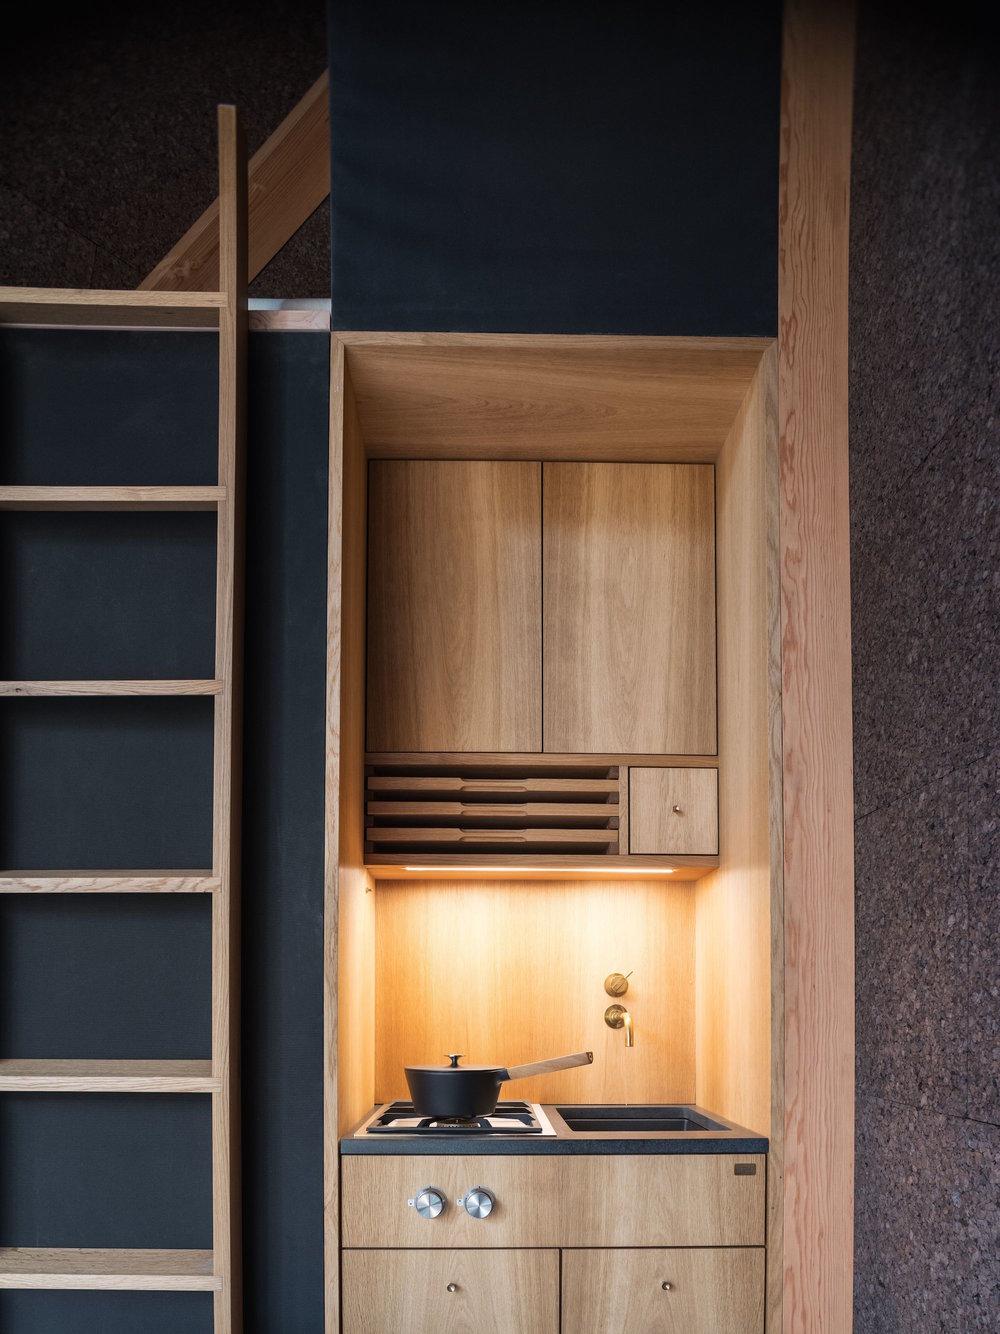 sorenrosestudio_Klein_kitchen.jpg